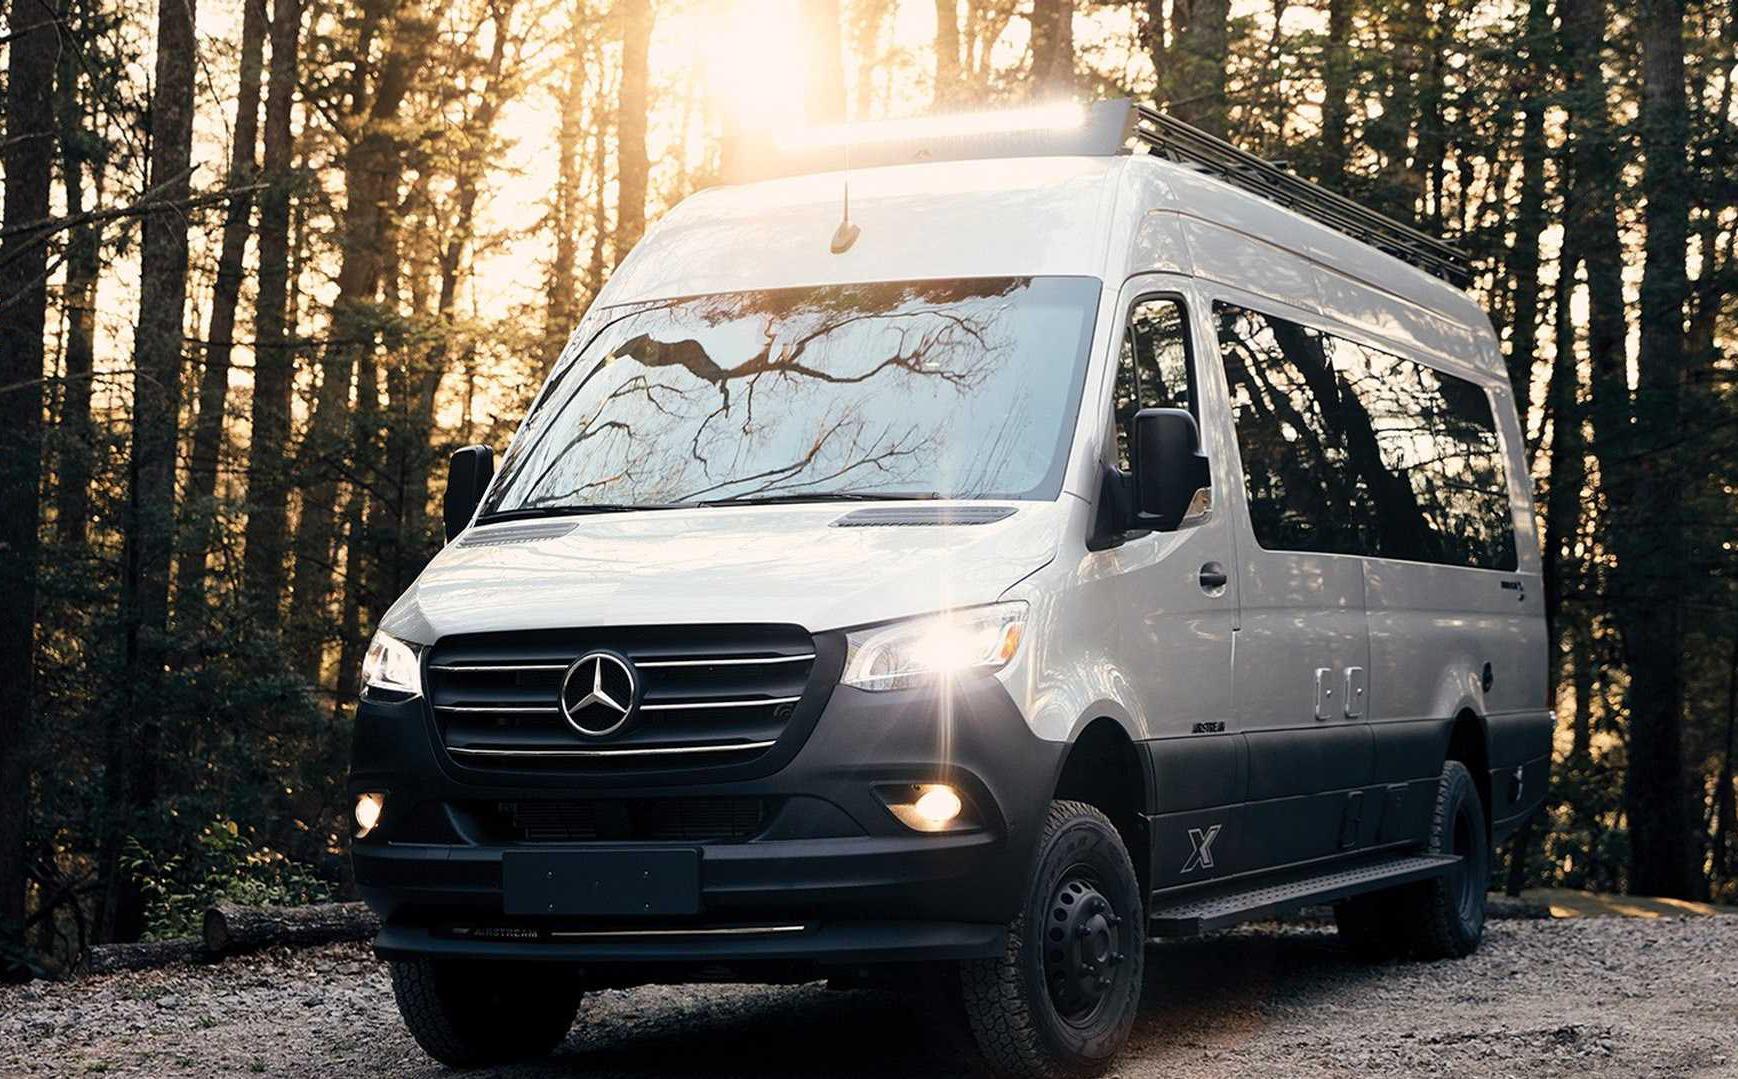 Mercedes-Benz Sprinter 3500 hóa thành